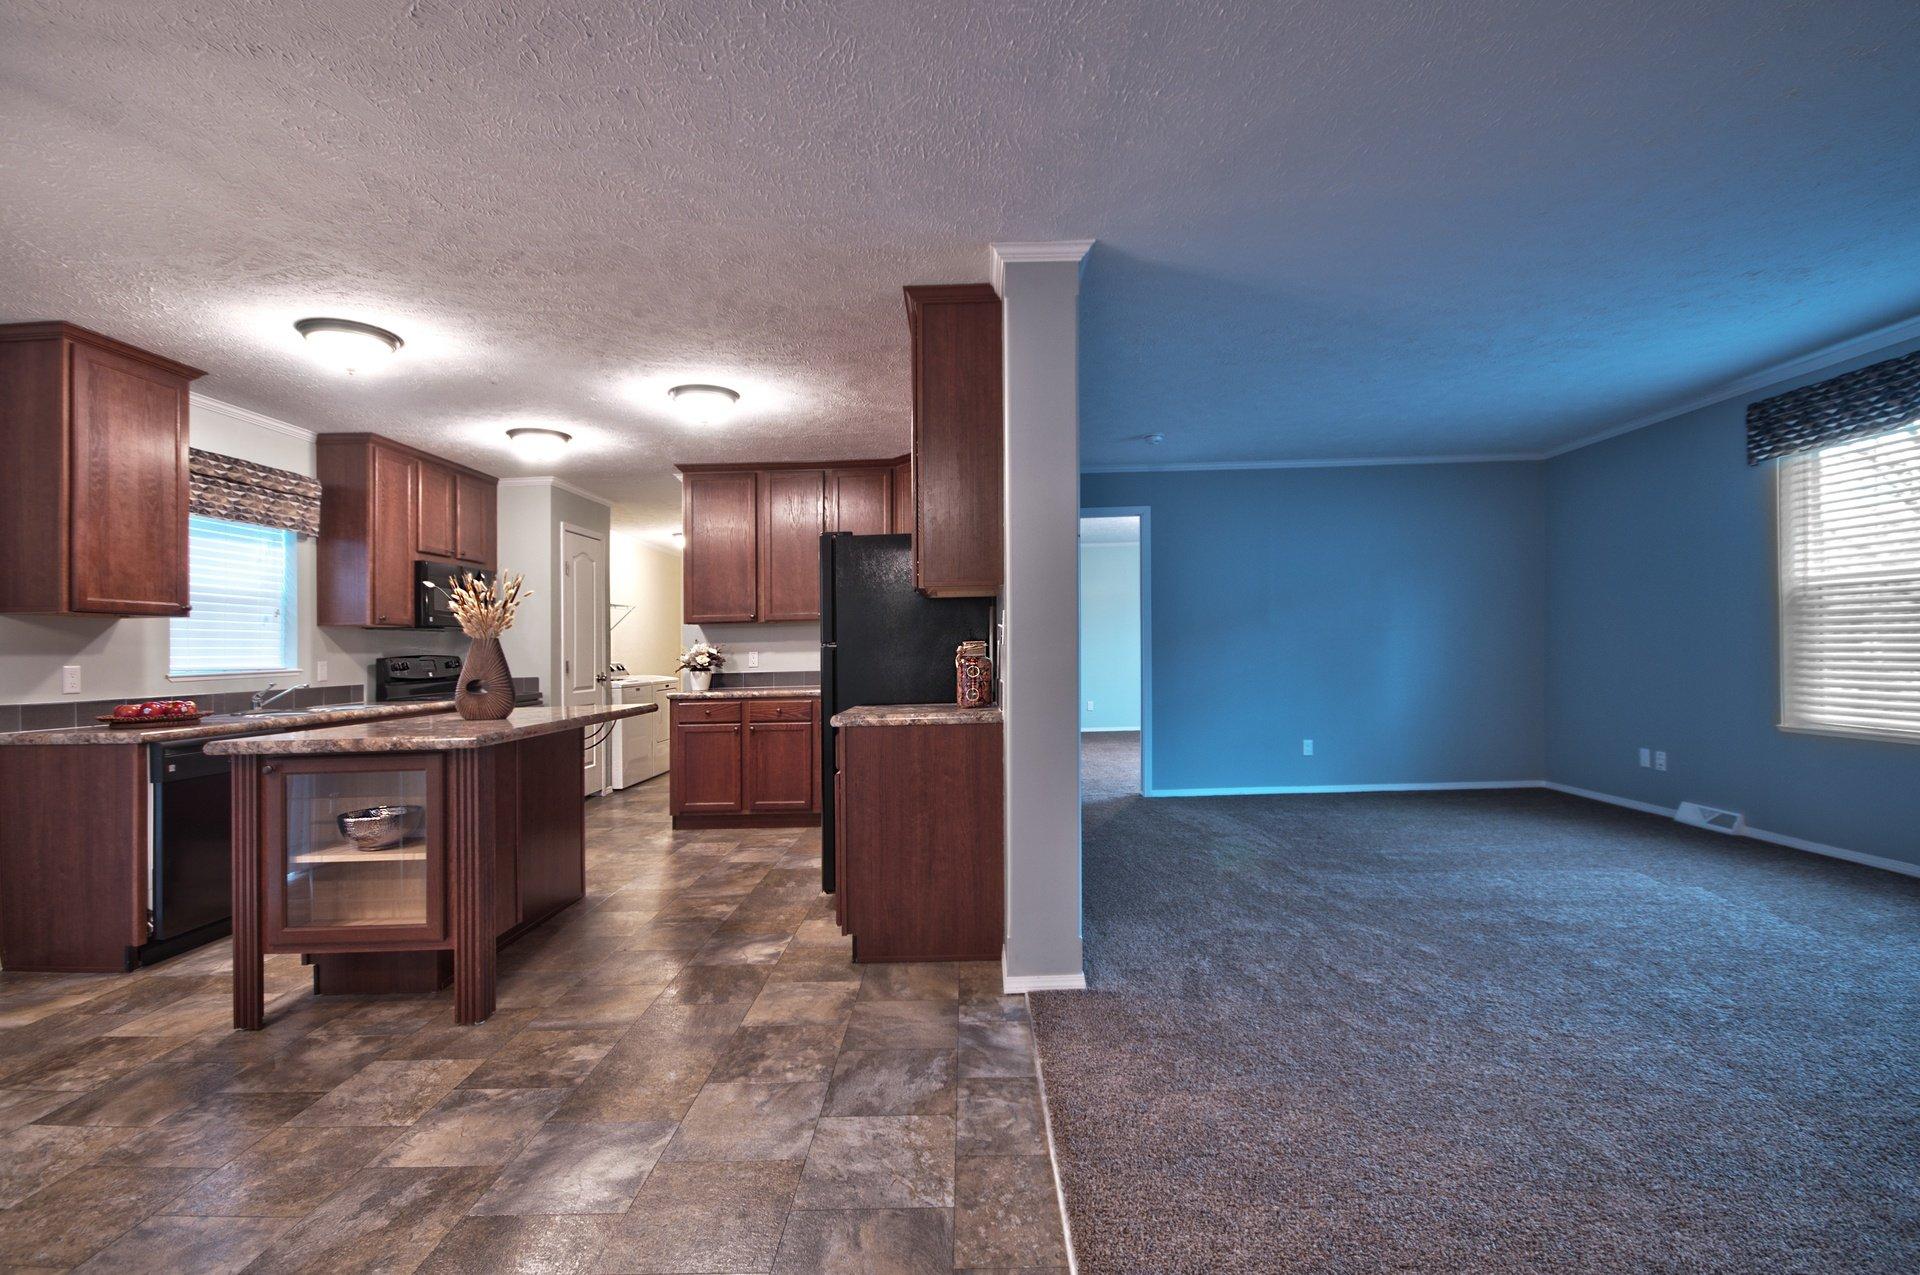 Cedar Ranch Modular Home - 1,493 SF - 3 Bed 2 Bath - Next Modular